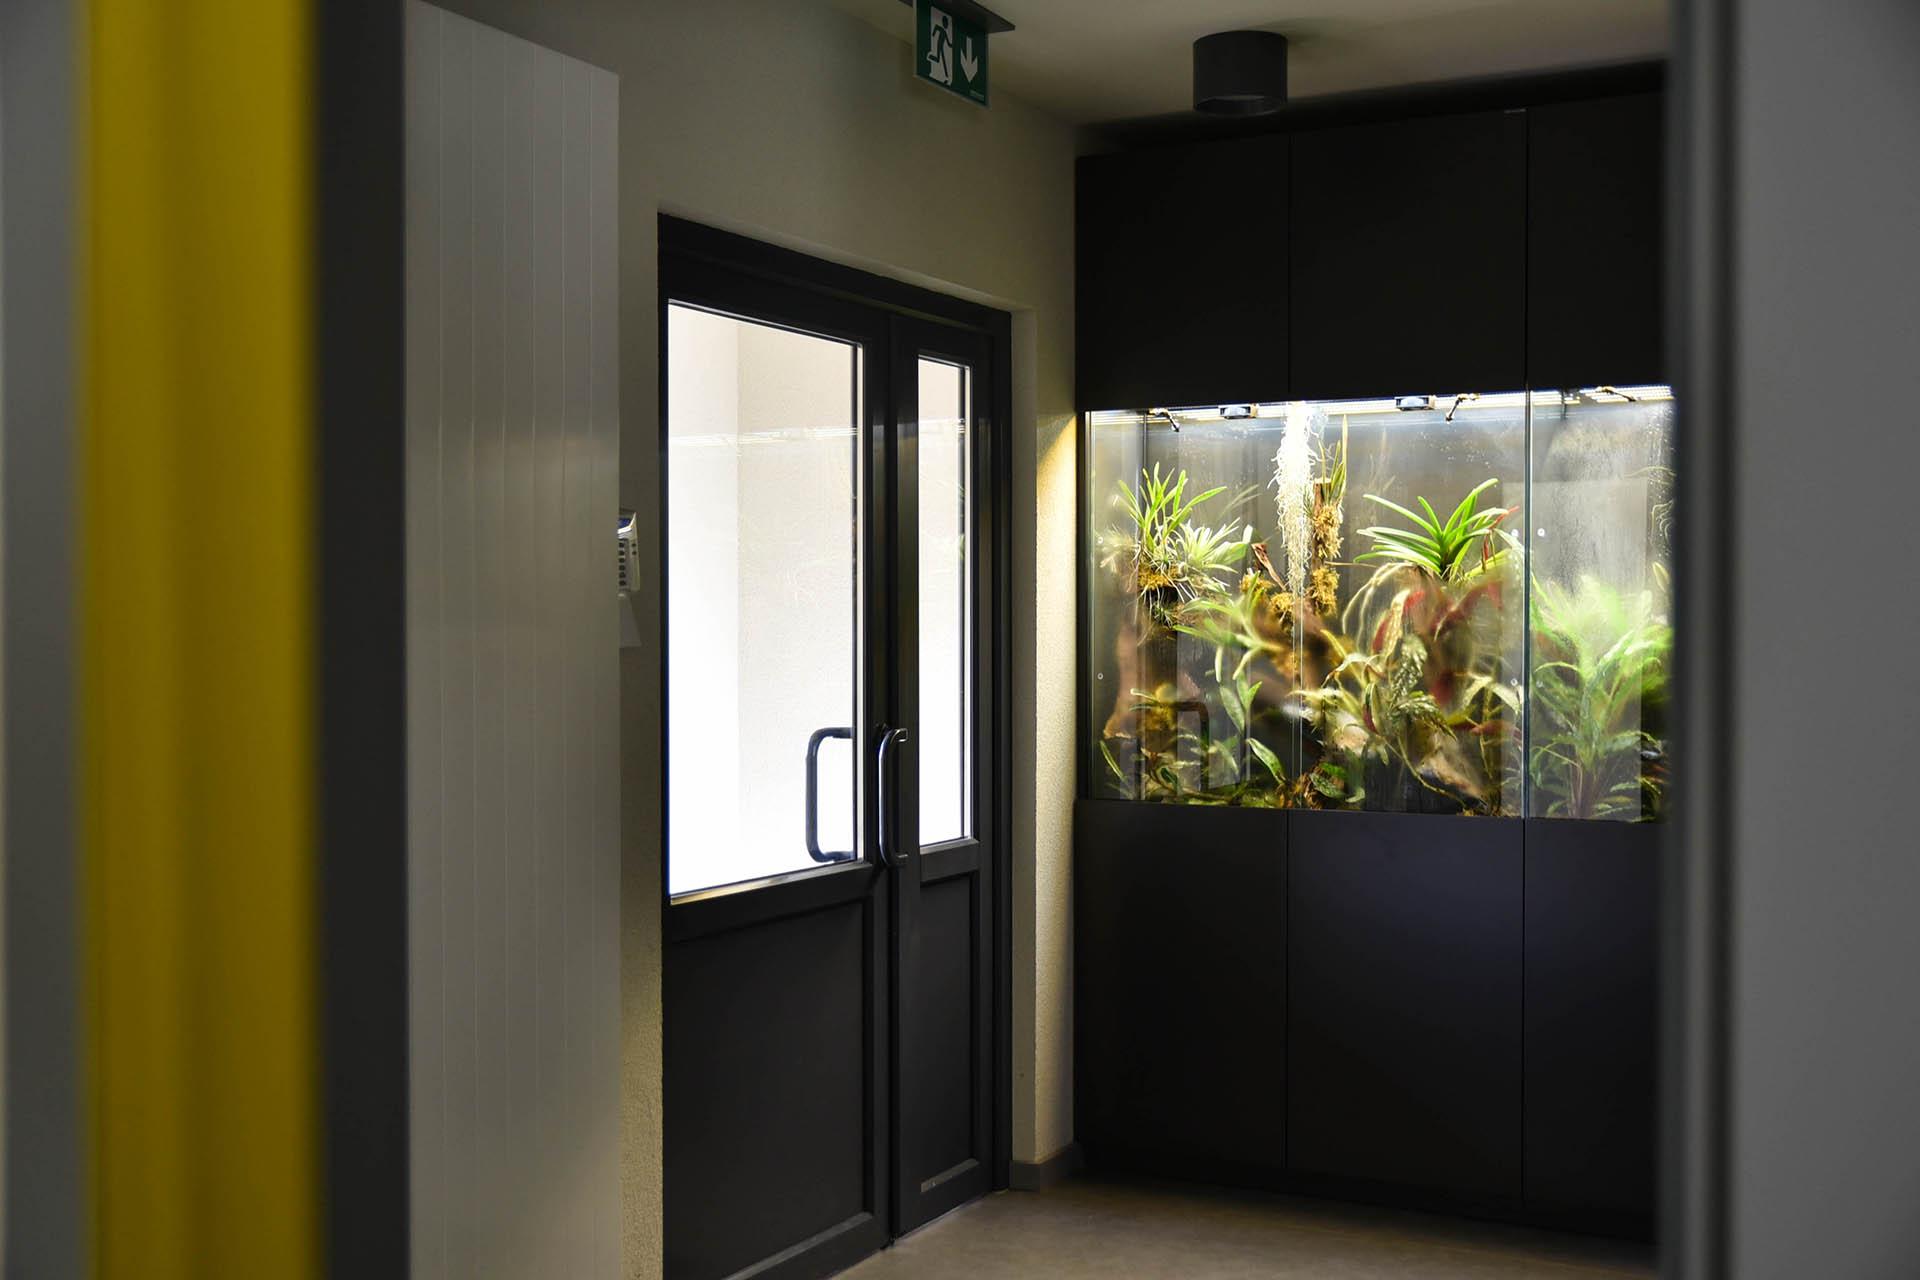 orchidariumas administracinio pastato laiptinės interjere Mažeikiuose